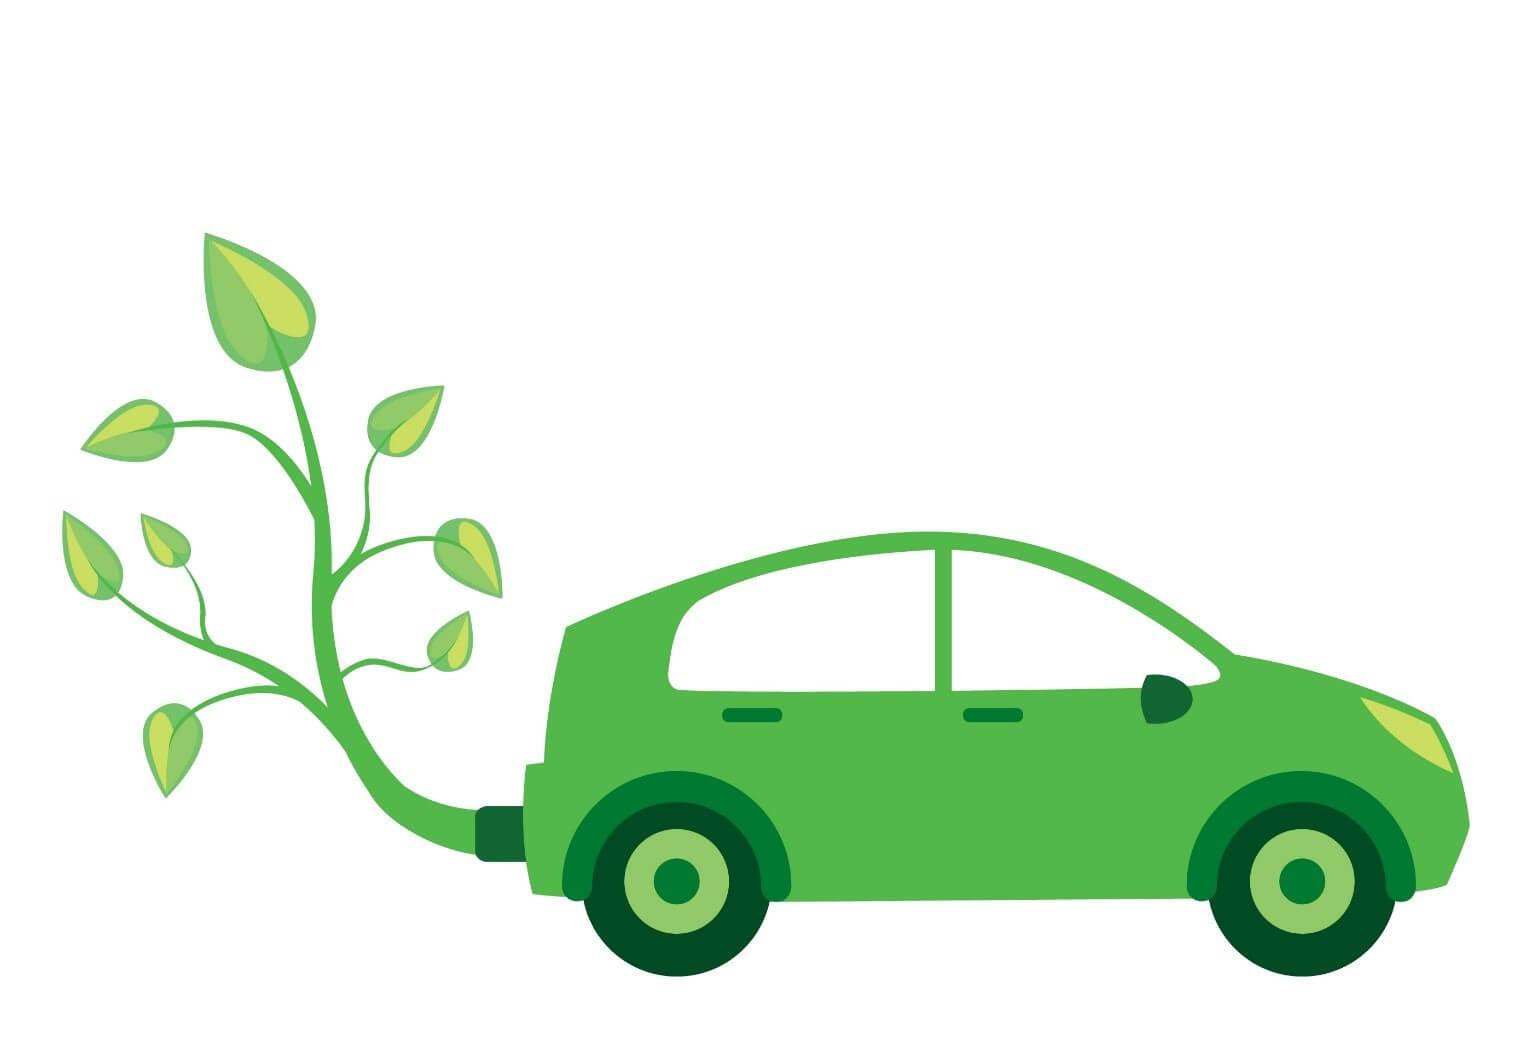 çevreci otomobil